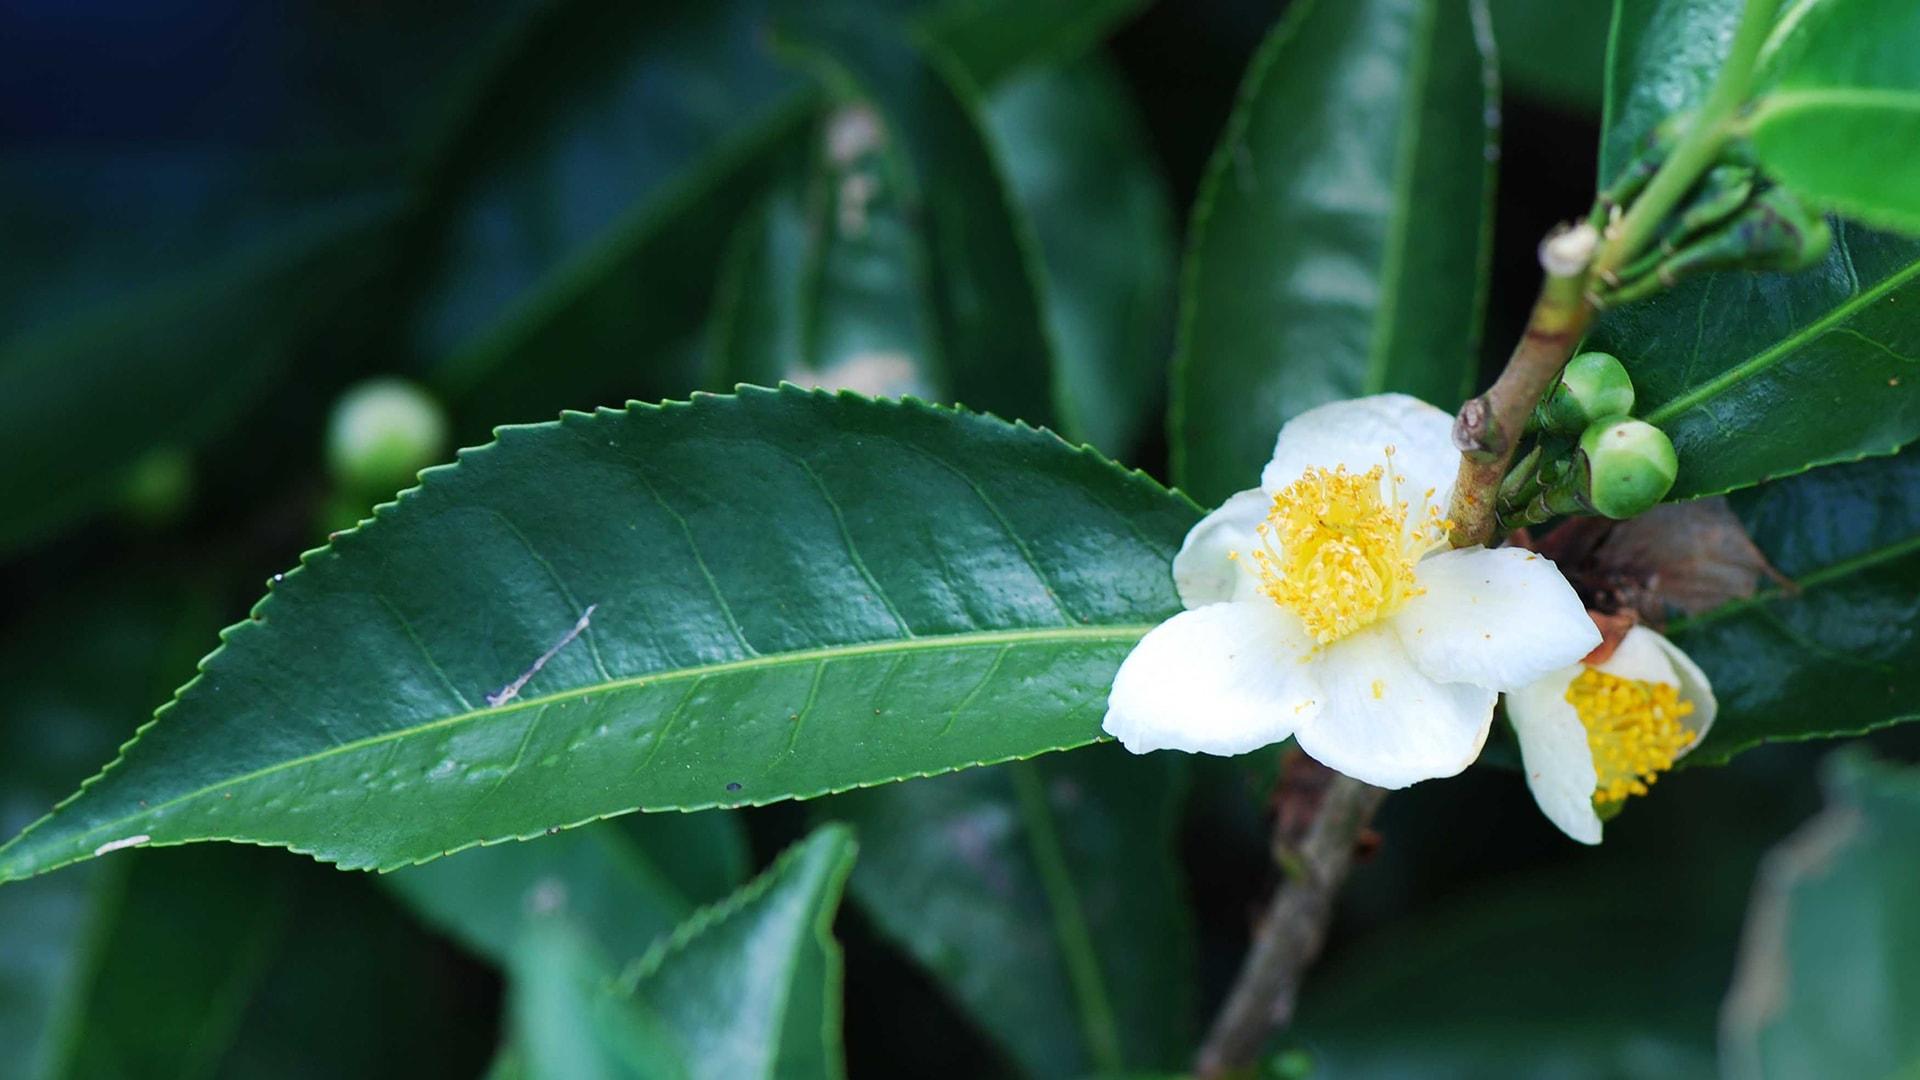 Anbassa-artisan-torrefacteur-breve-histoire-du-the-Camellia-sinensis_Bois-Cheri-slide-min